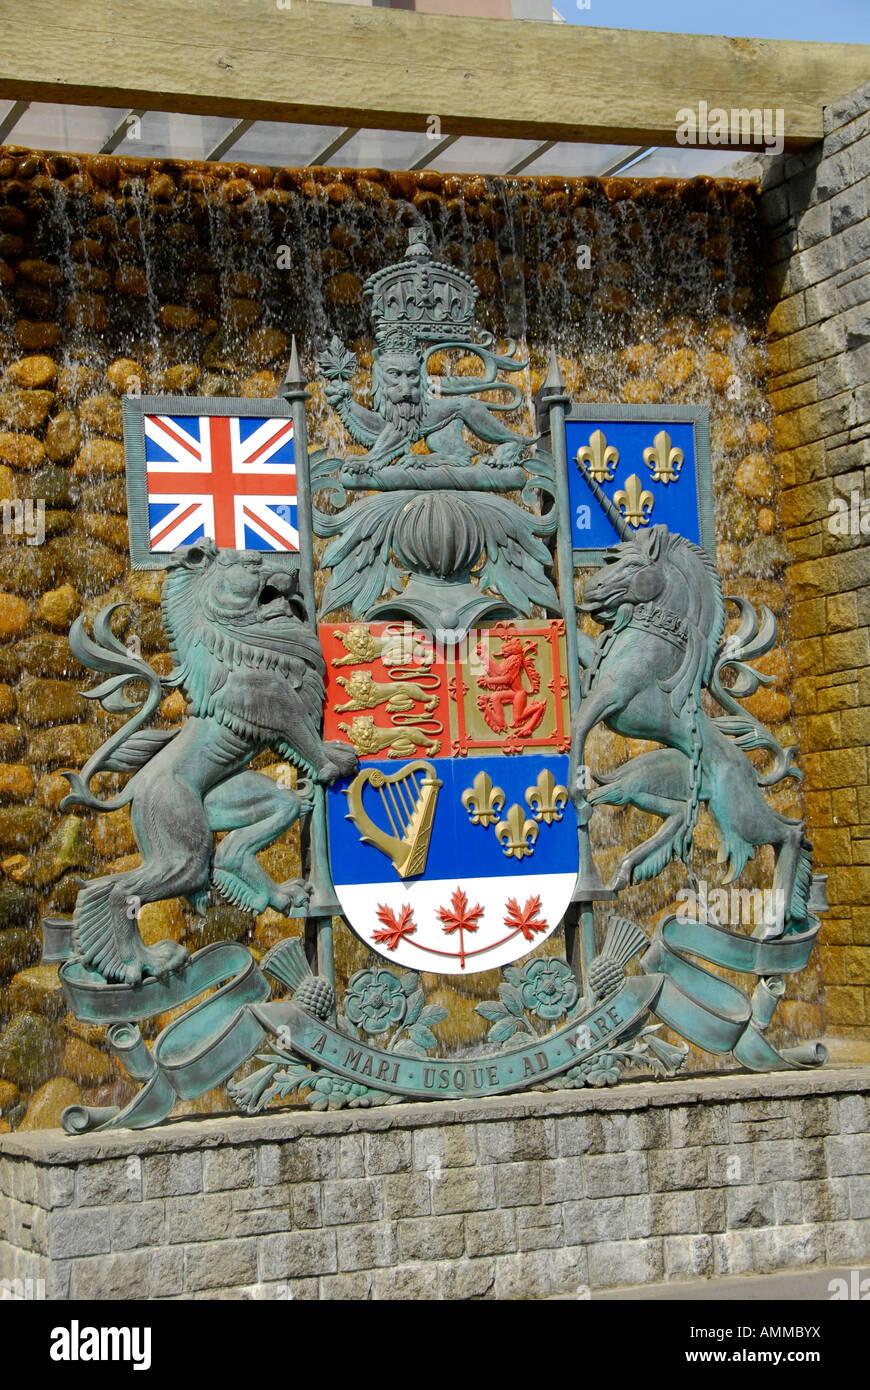 British Columbia Coat Of Arms Stock Photos & British